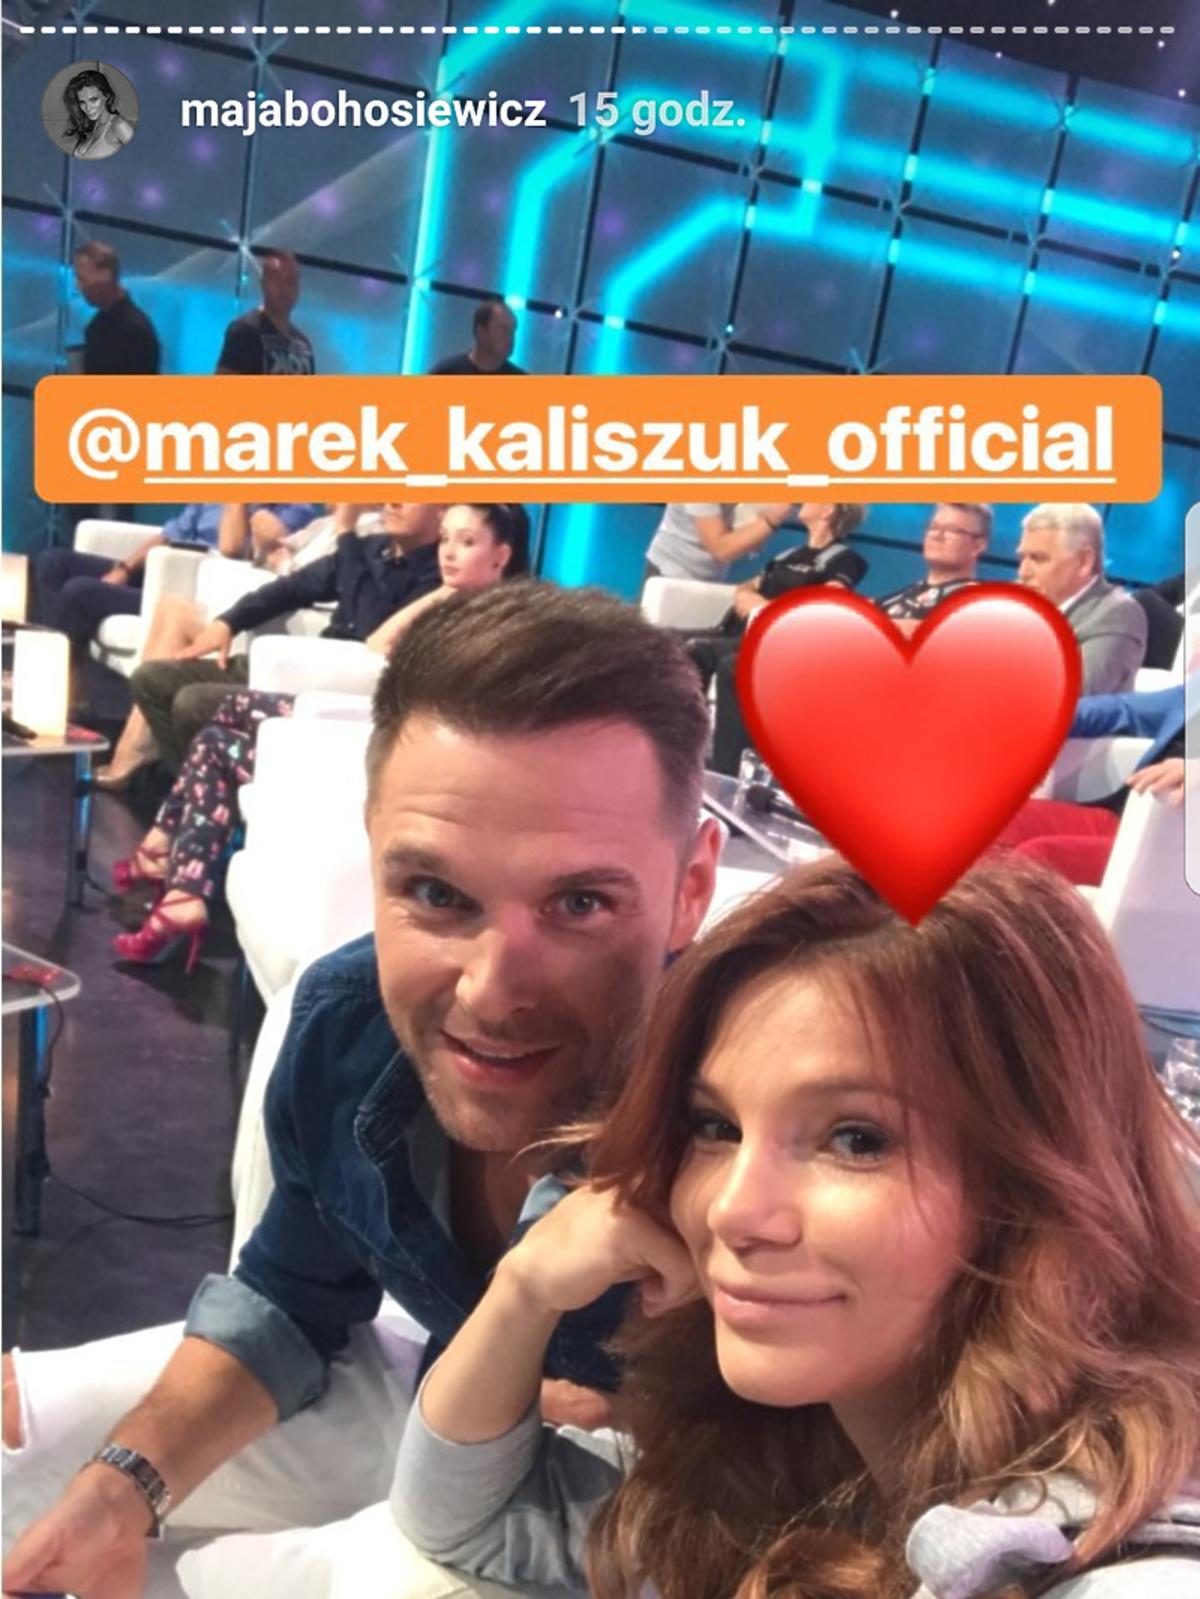 Maja Bohosiewicz i Marek Kaliszuk na Wielkim Teście TVP